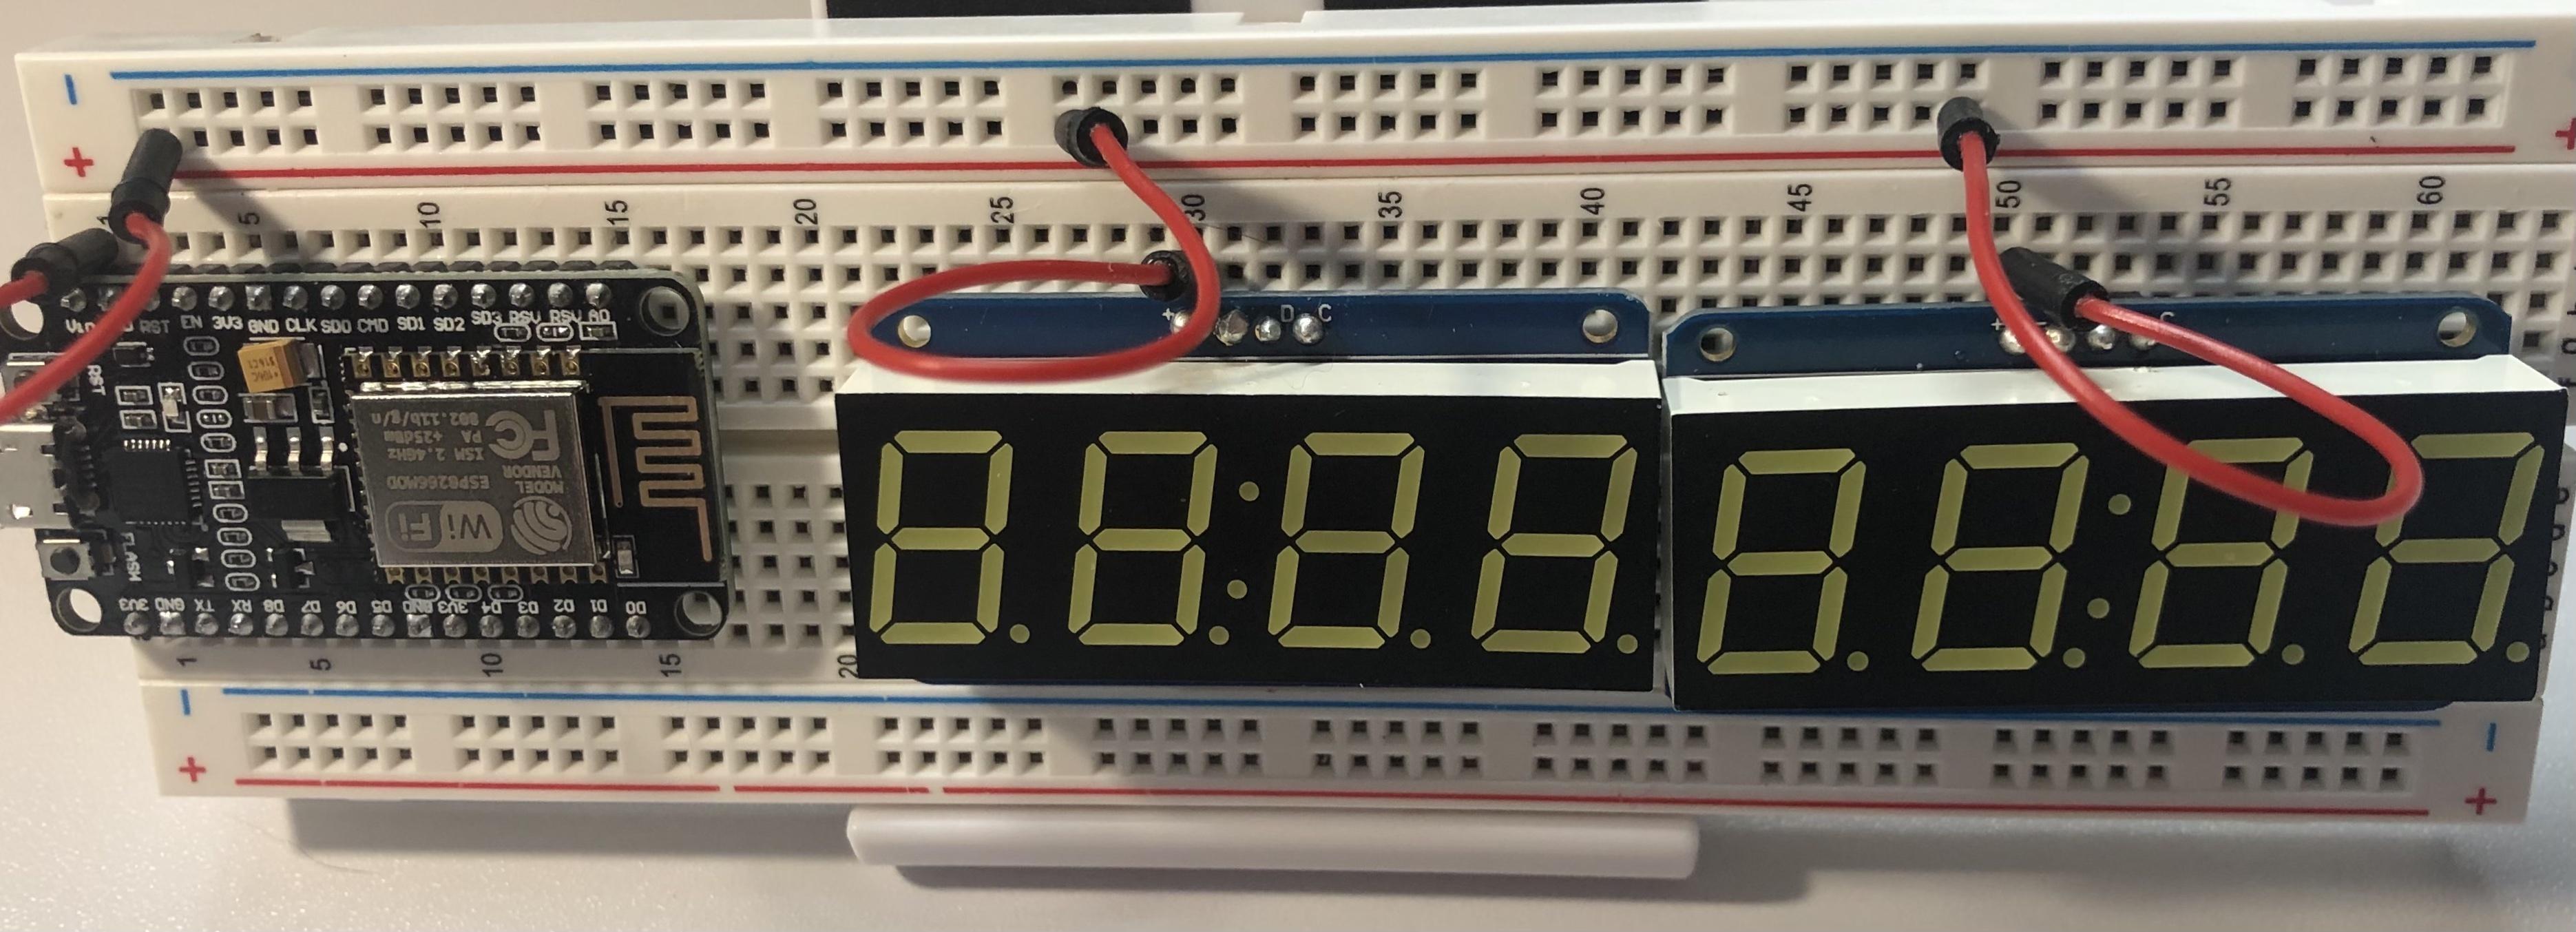 Set up voltage